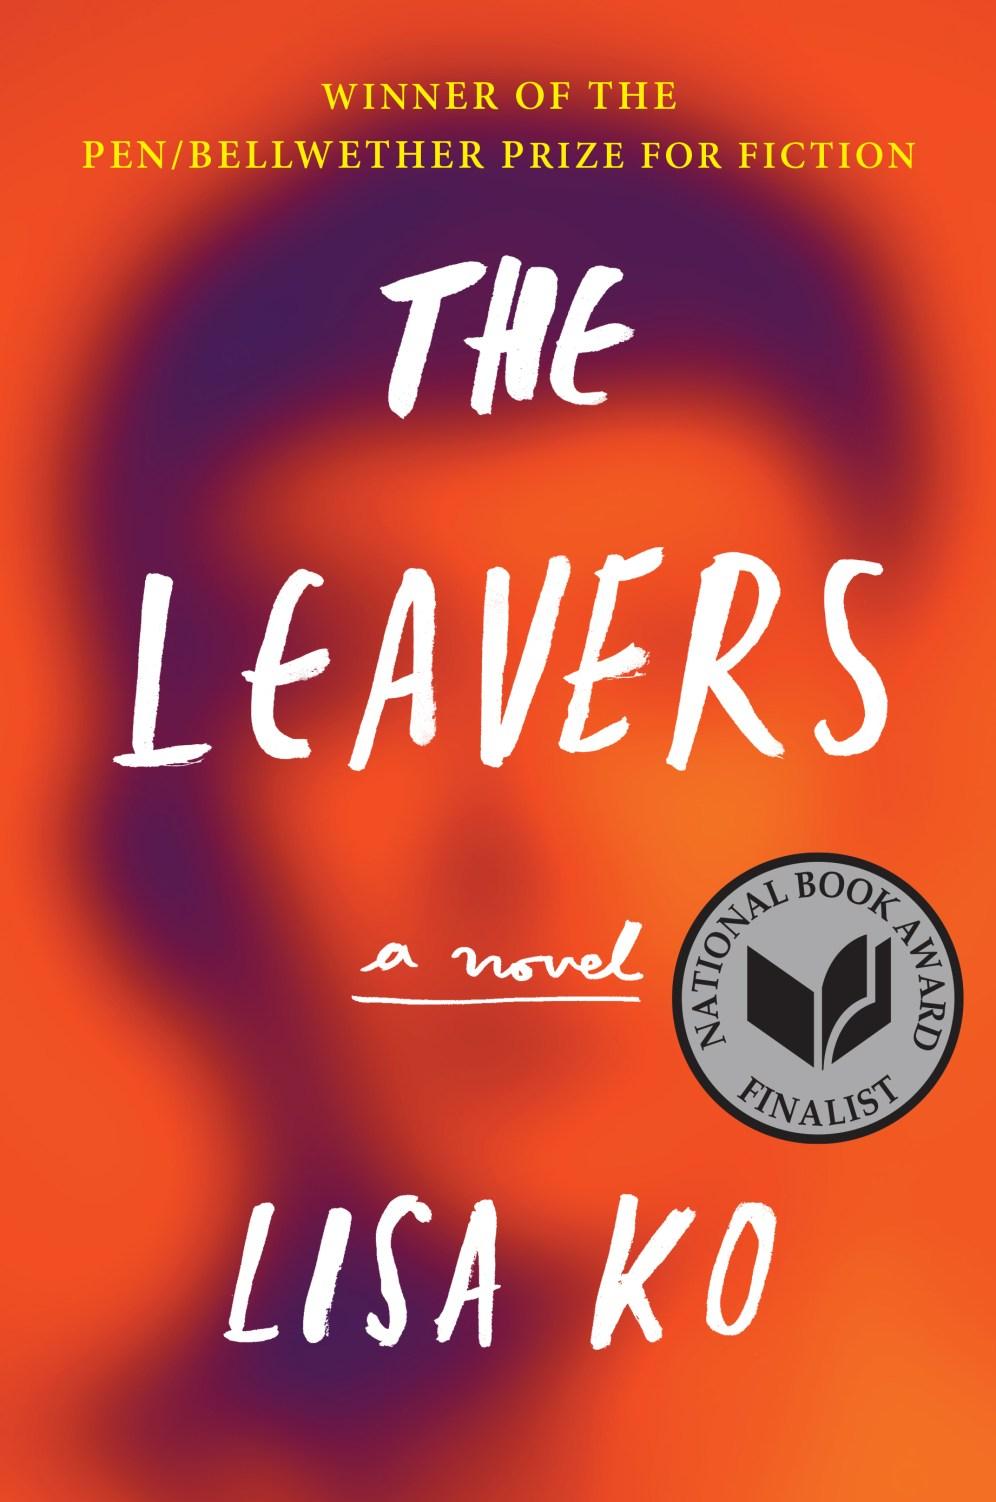 Lisa Ko's novel, The Leavers.